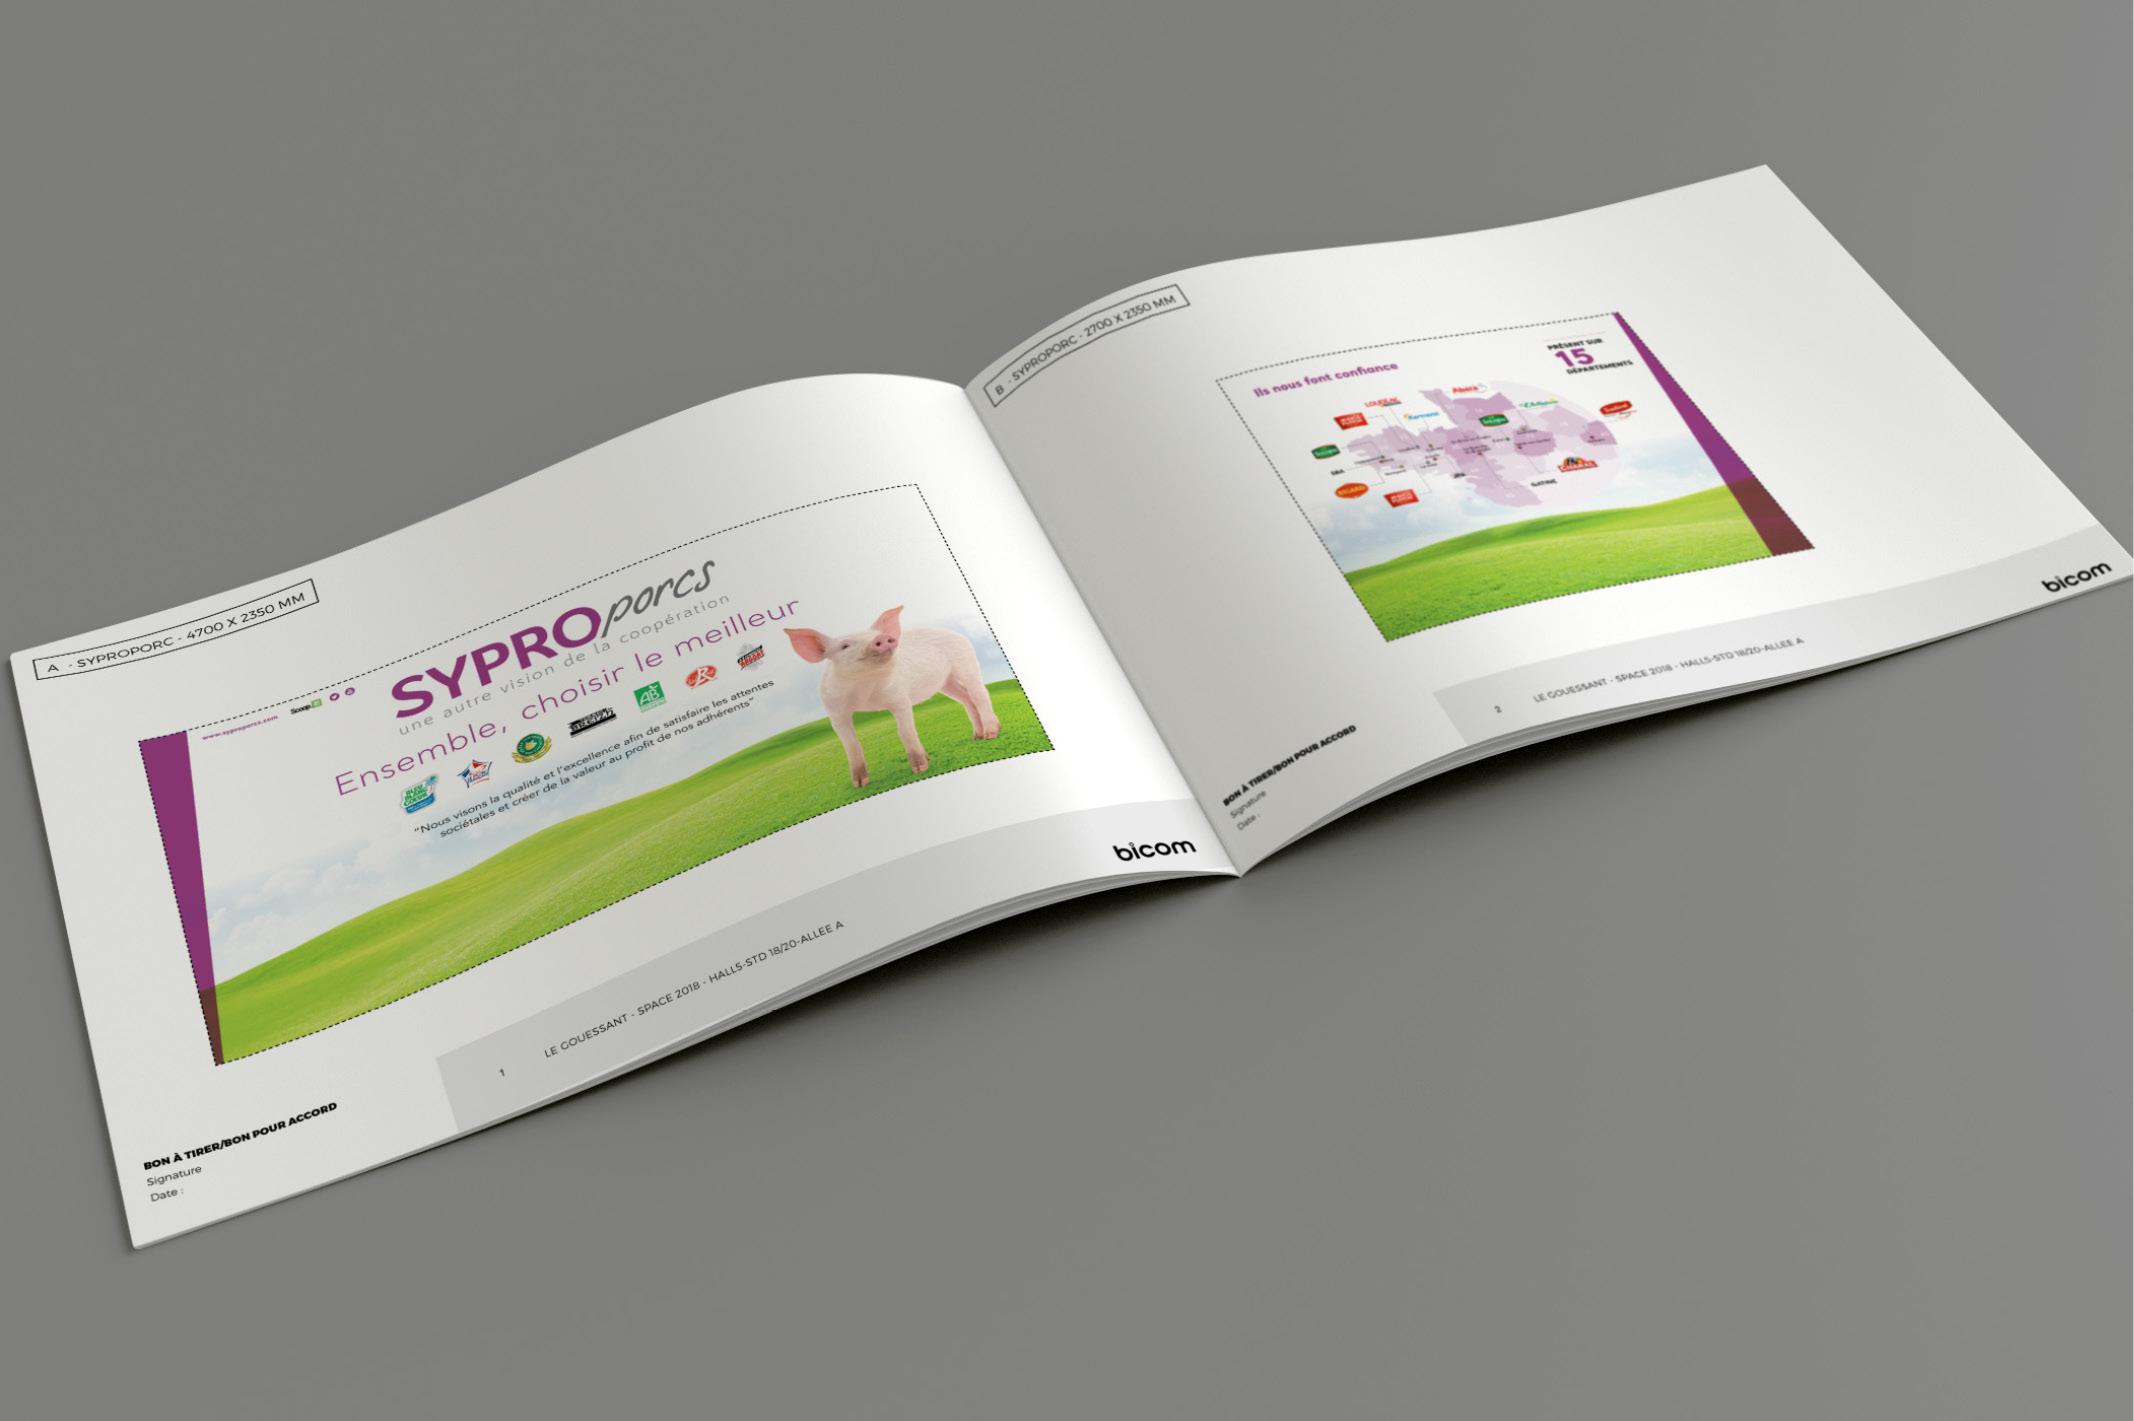 Un stand sur mesure pour SYPROPORCS marque de la société Le Gouessant.